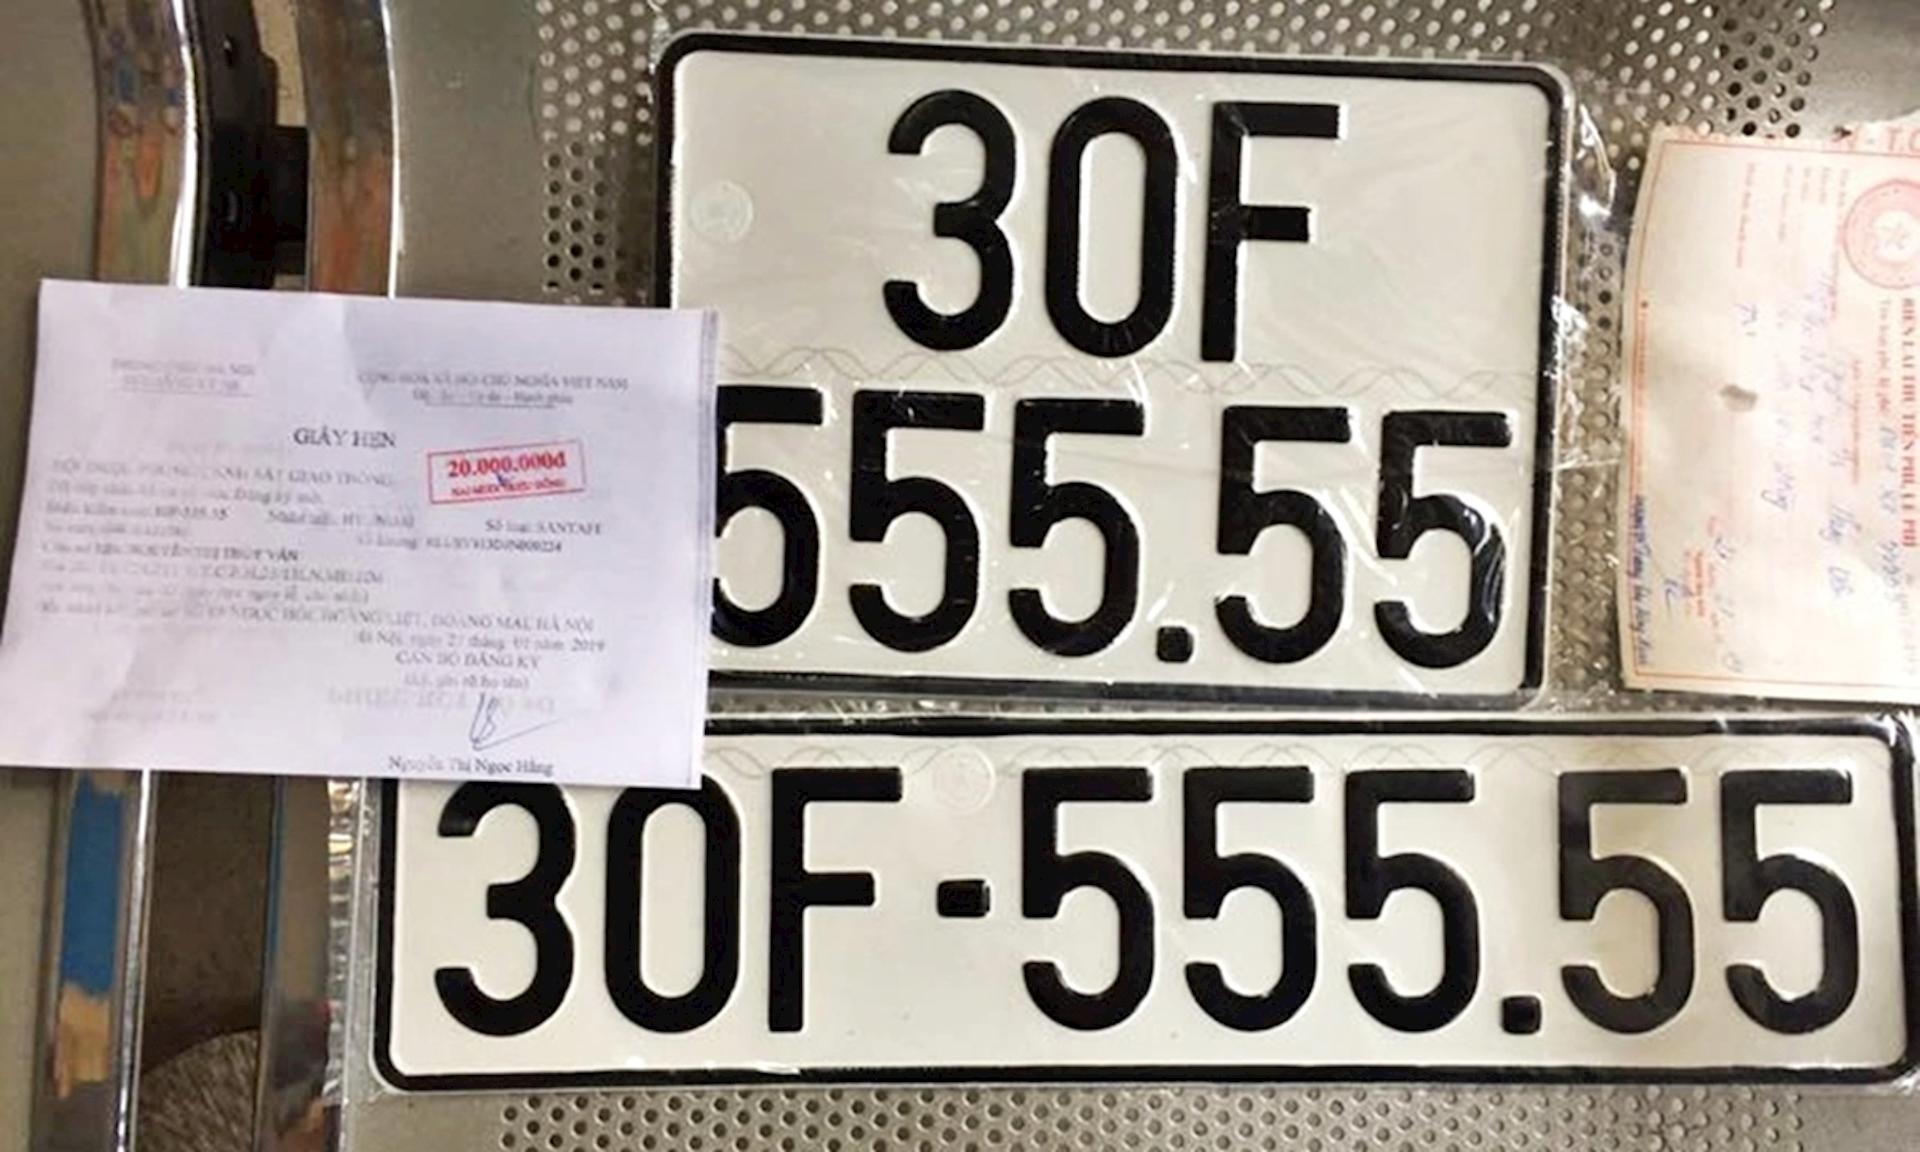 ý nghĩa biển số tứ quý 555